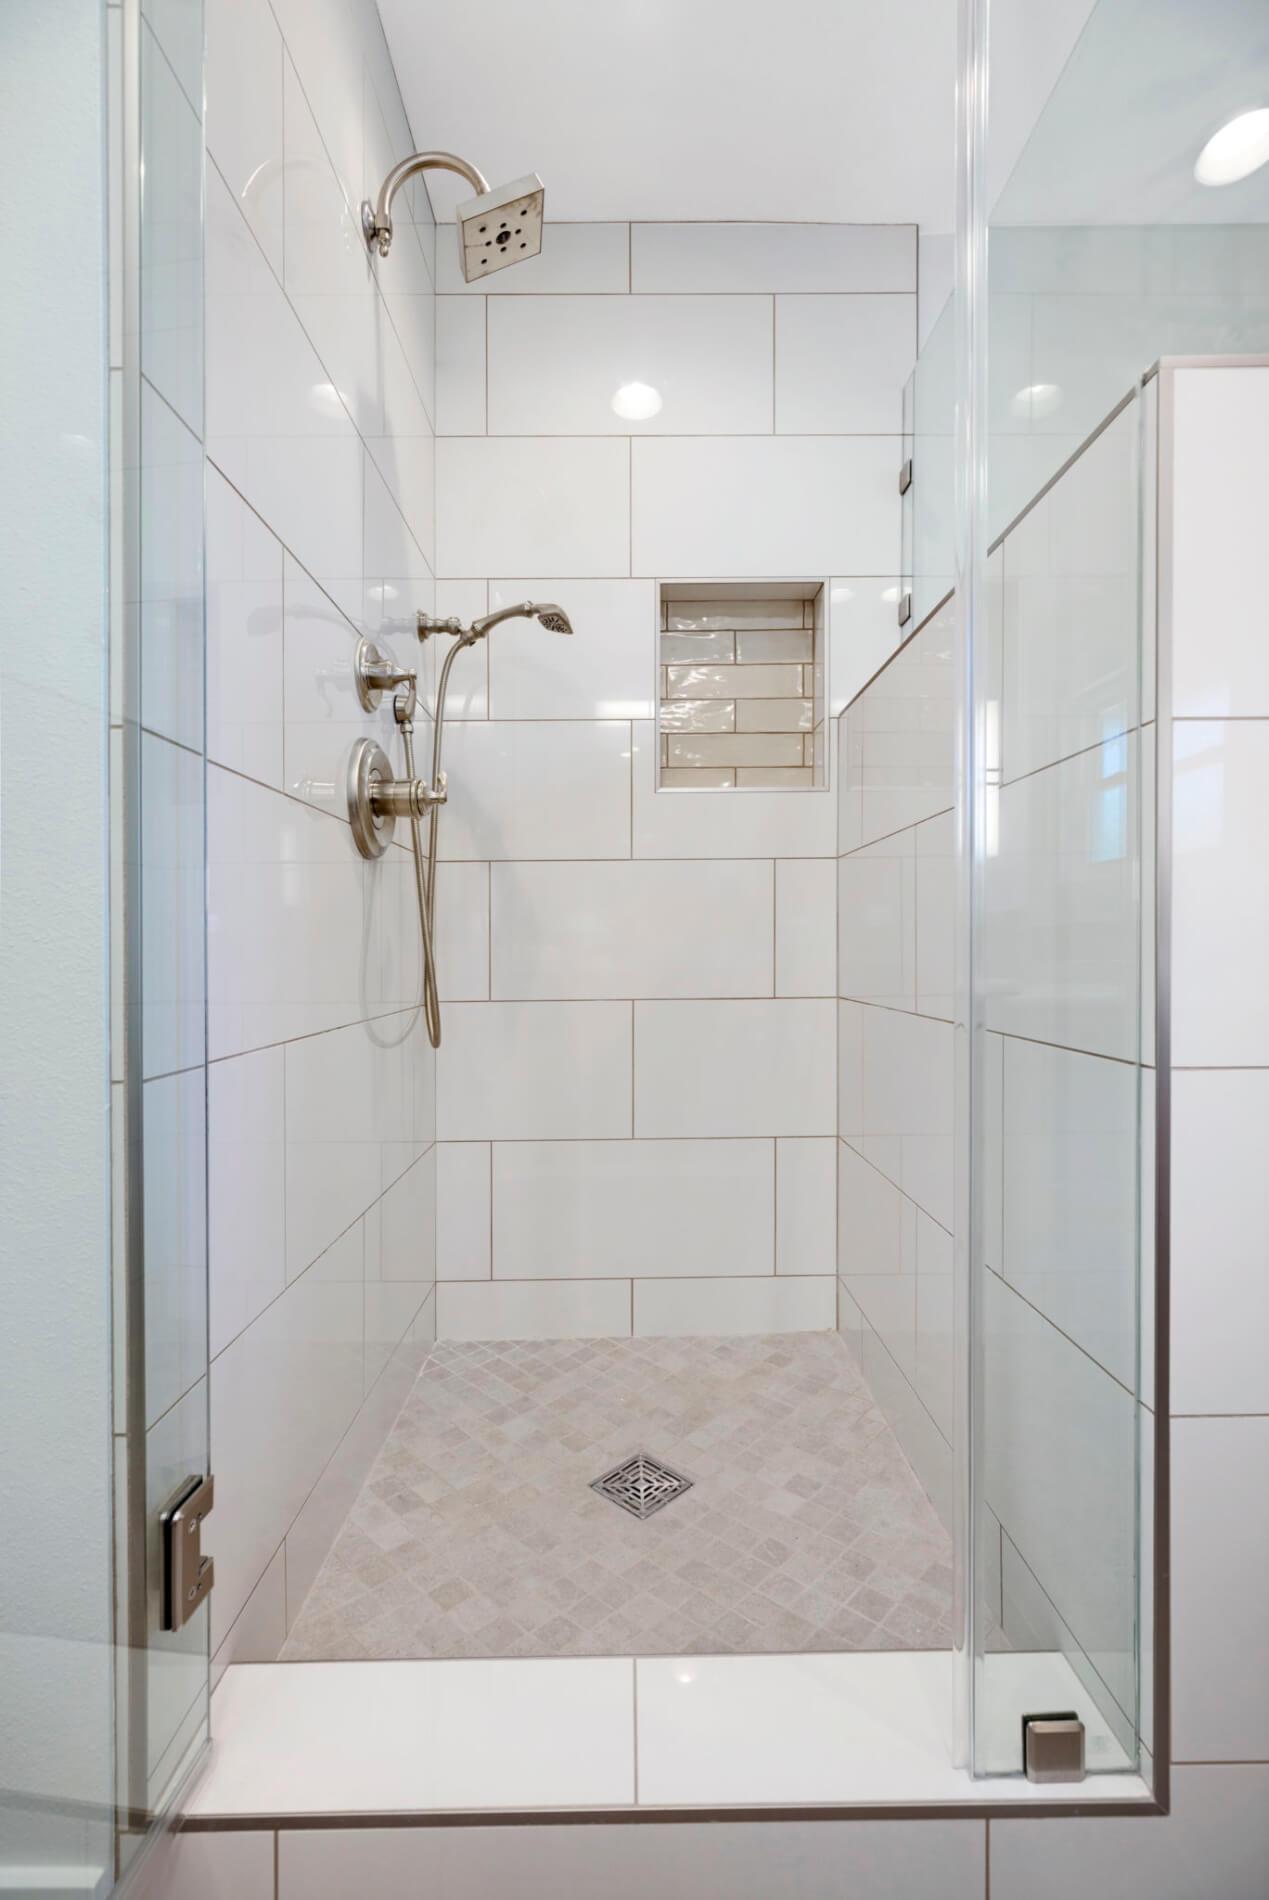 Master Bathroom Shower Remodel, Master Bathroom Remodel with Custom Tile, Large White Shower Master Bathroom